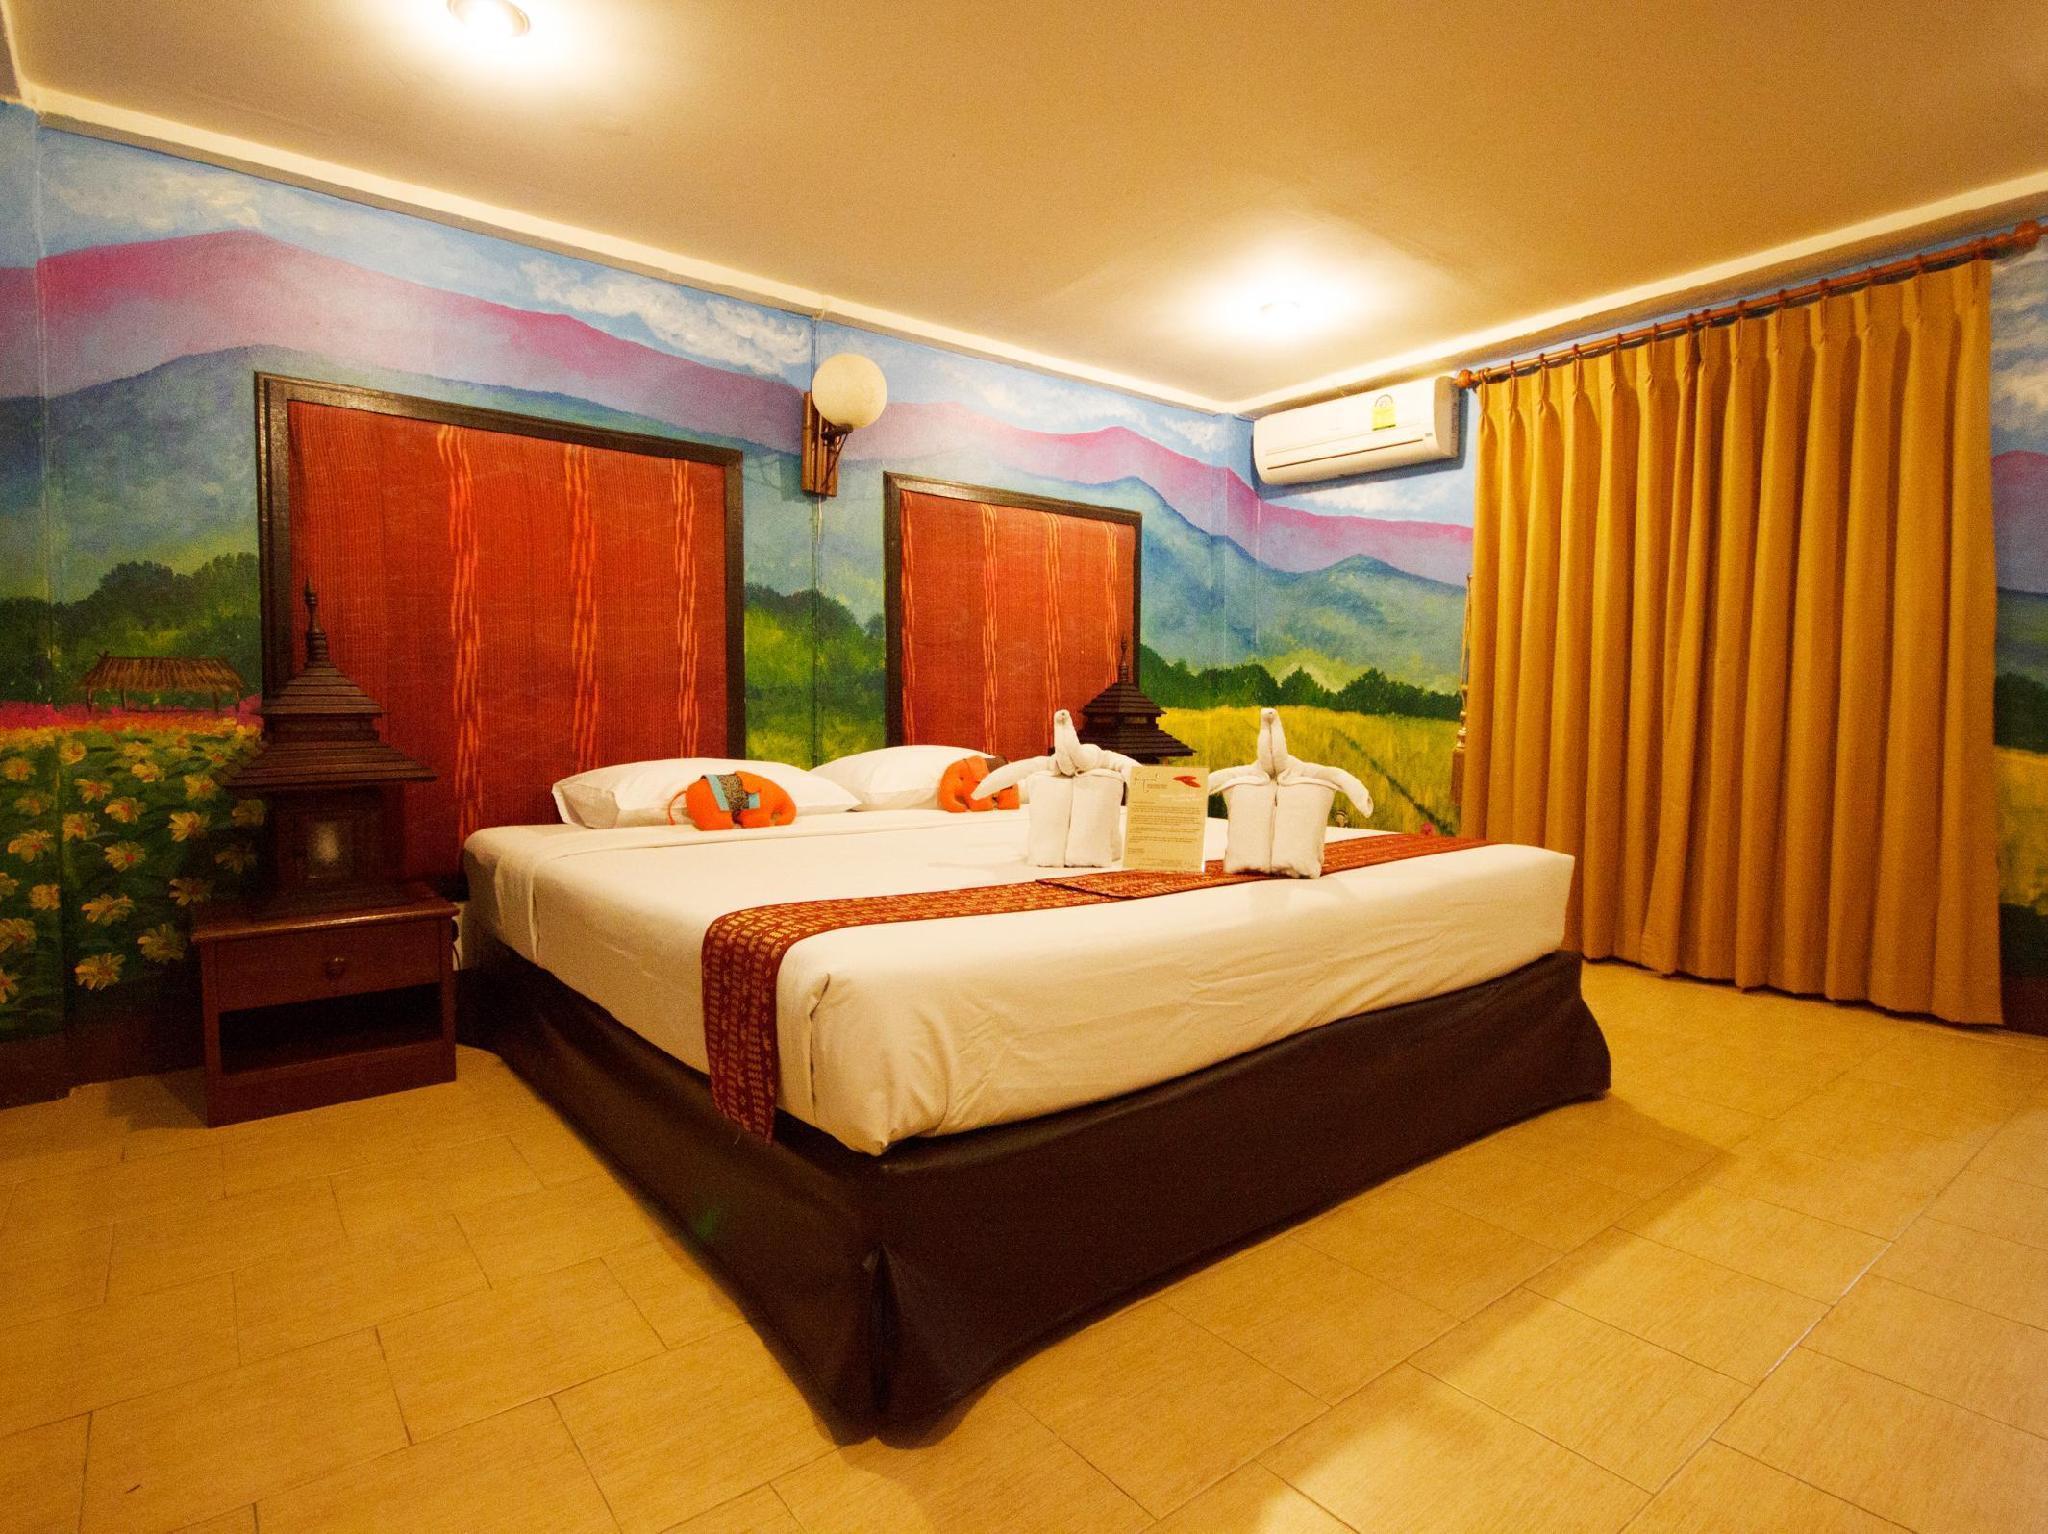 โรงแรมพาราซอล โอลด์ทาวน์ เชียงใหม่ บาย คอมพาส ฮอสปิทาลิตี้